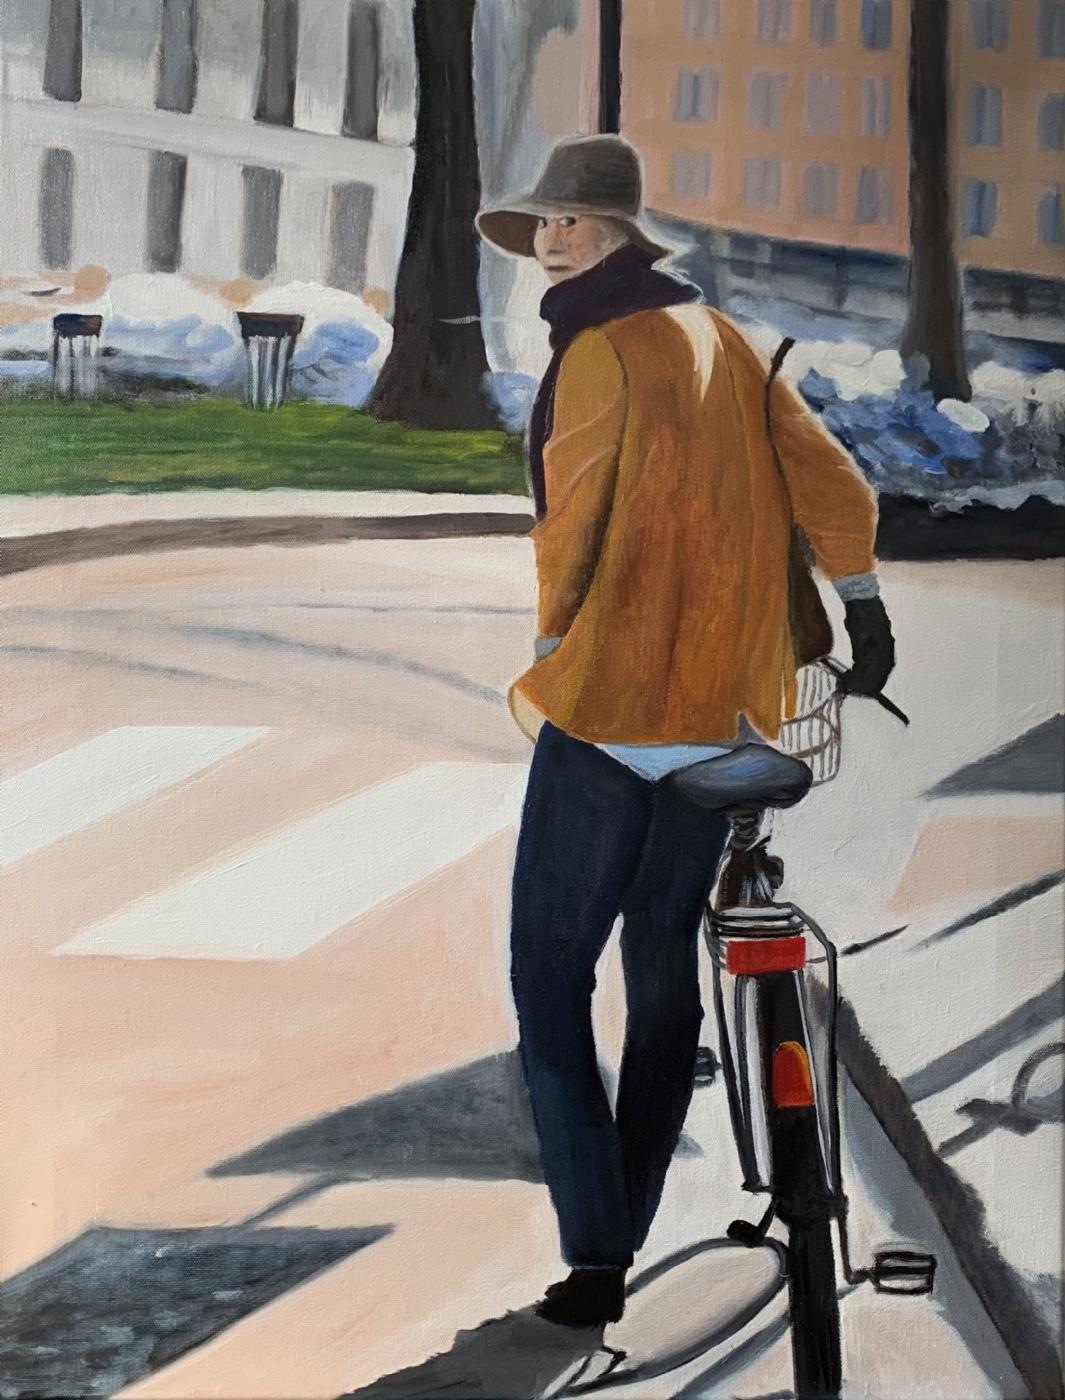 pigen med cyklen IV | Maleri